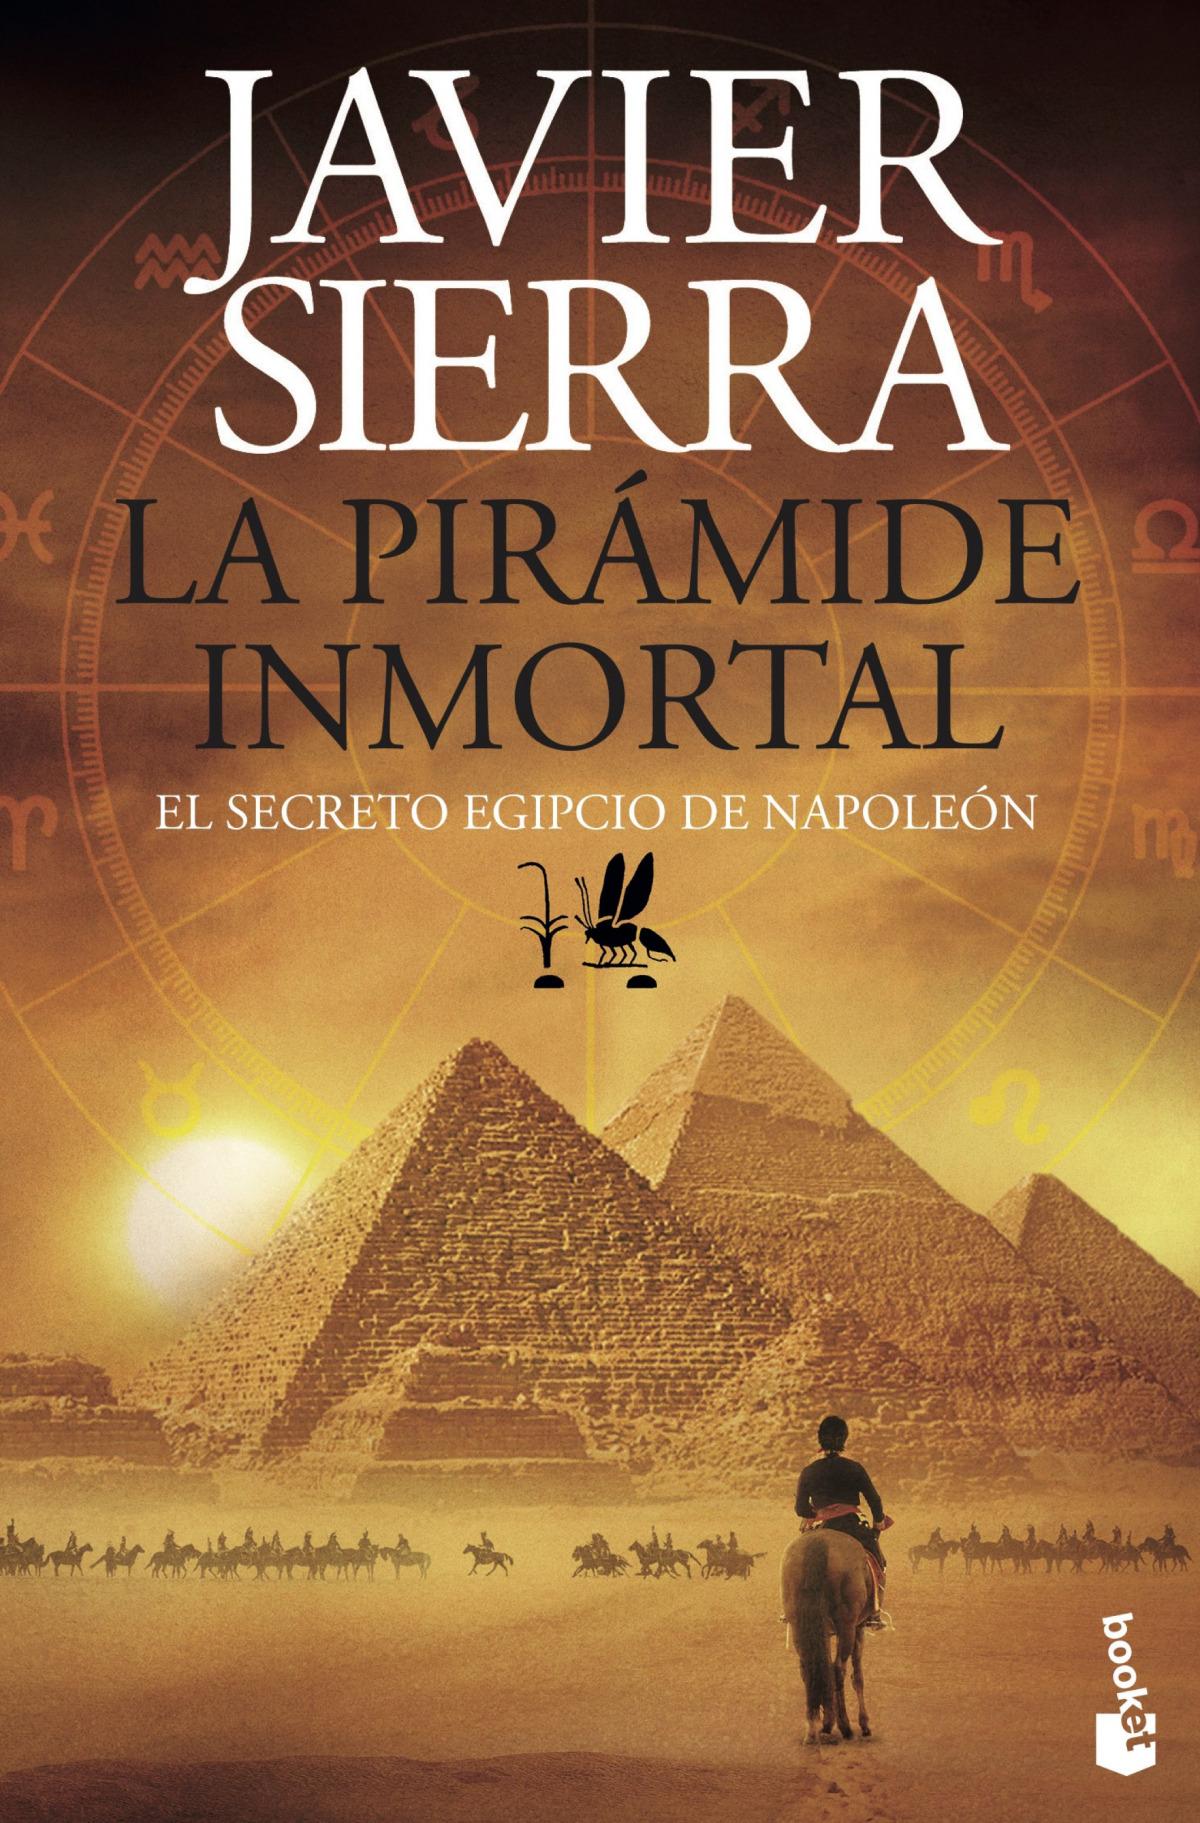 La piramide inmortal